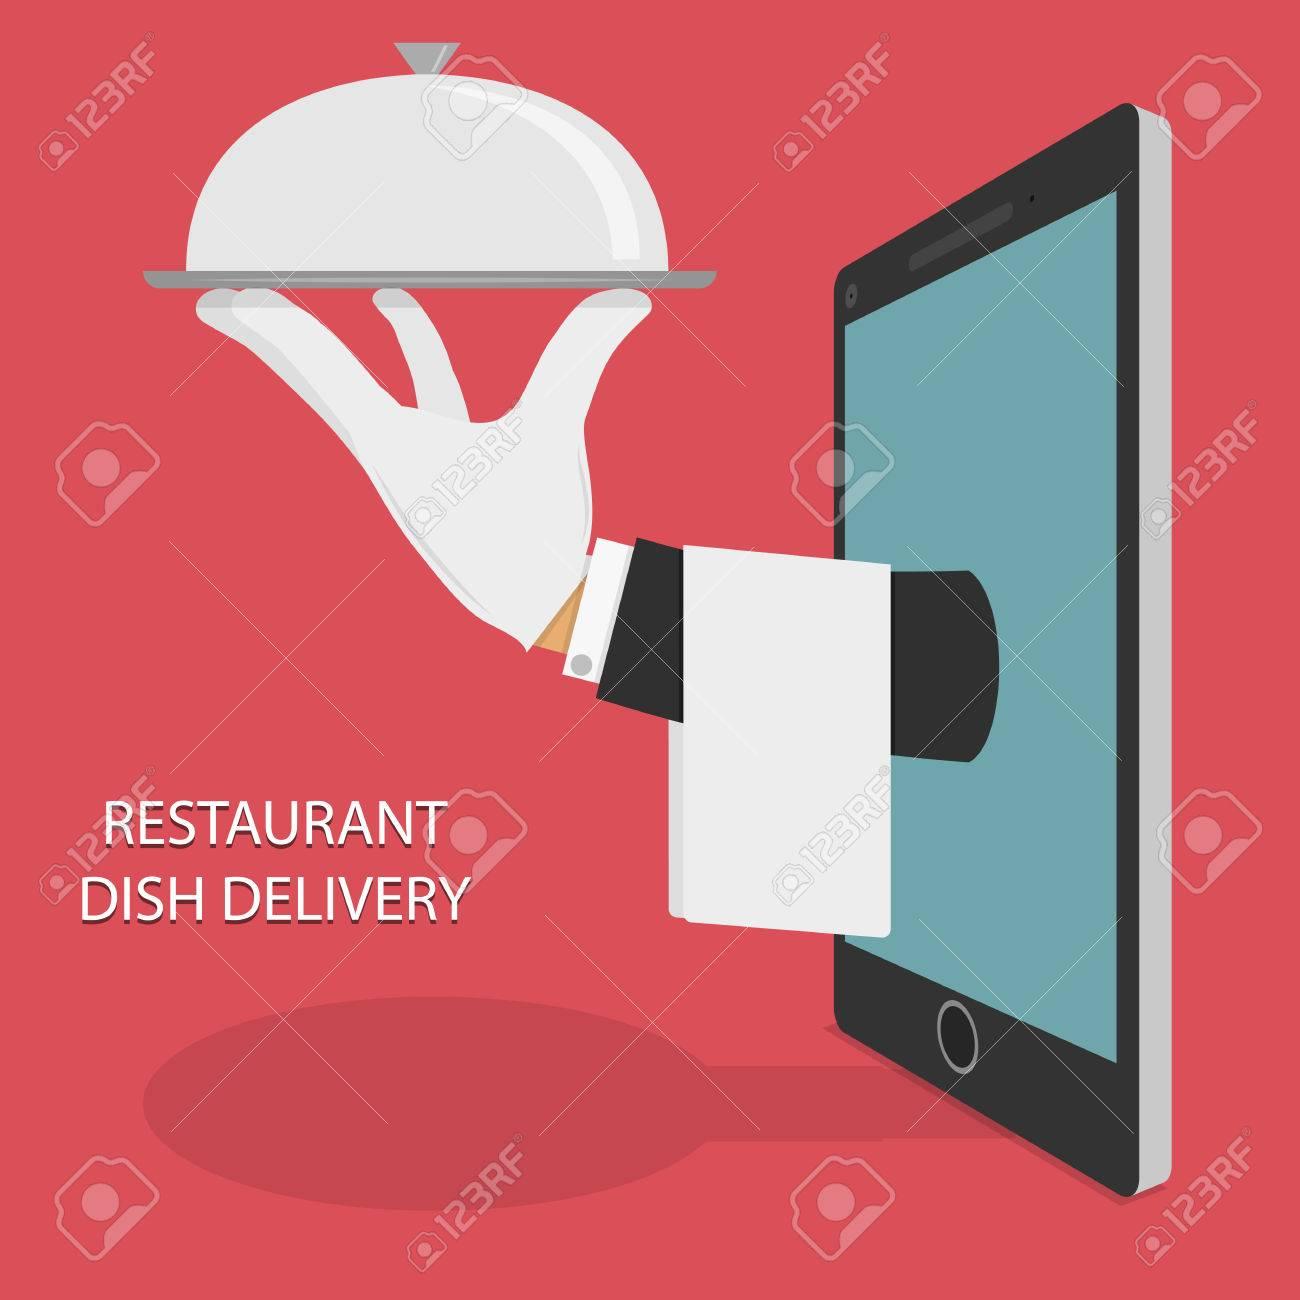 Restaurant Food Delivery Concept Illustration. - 39492853